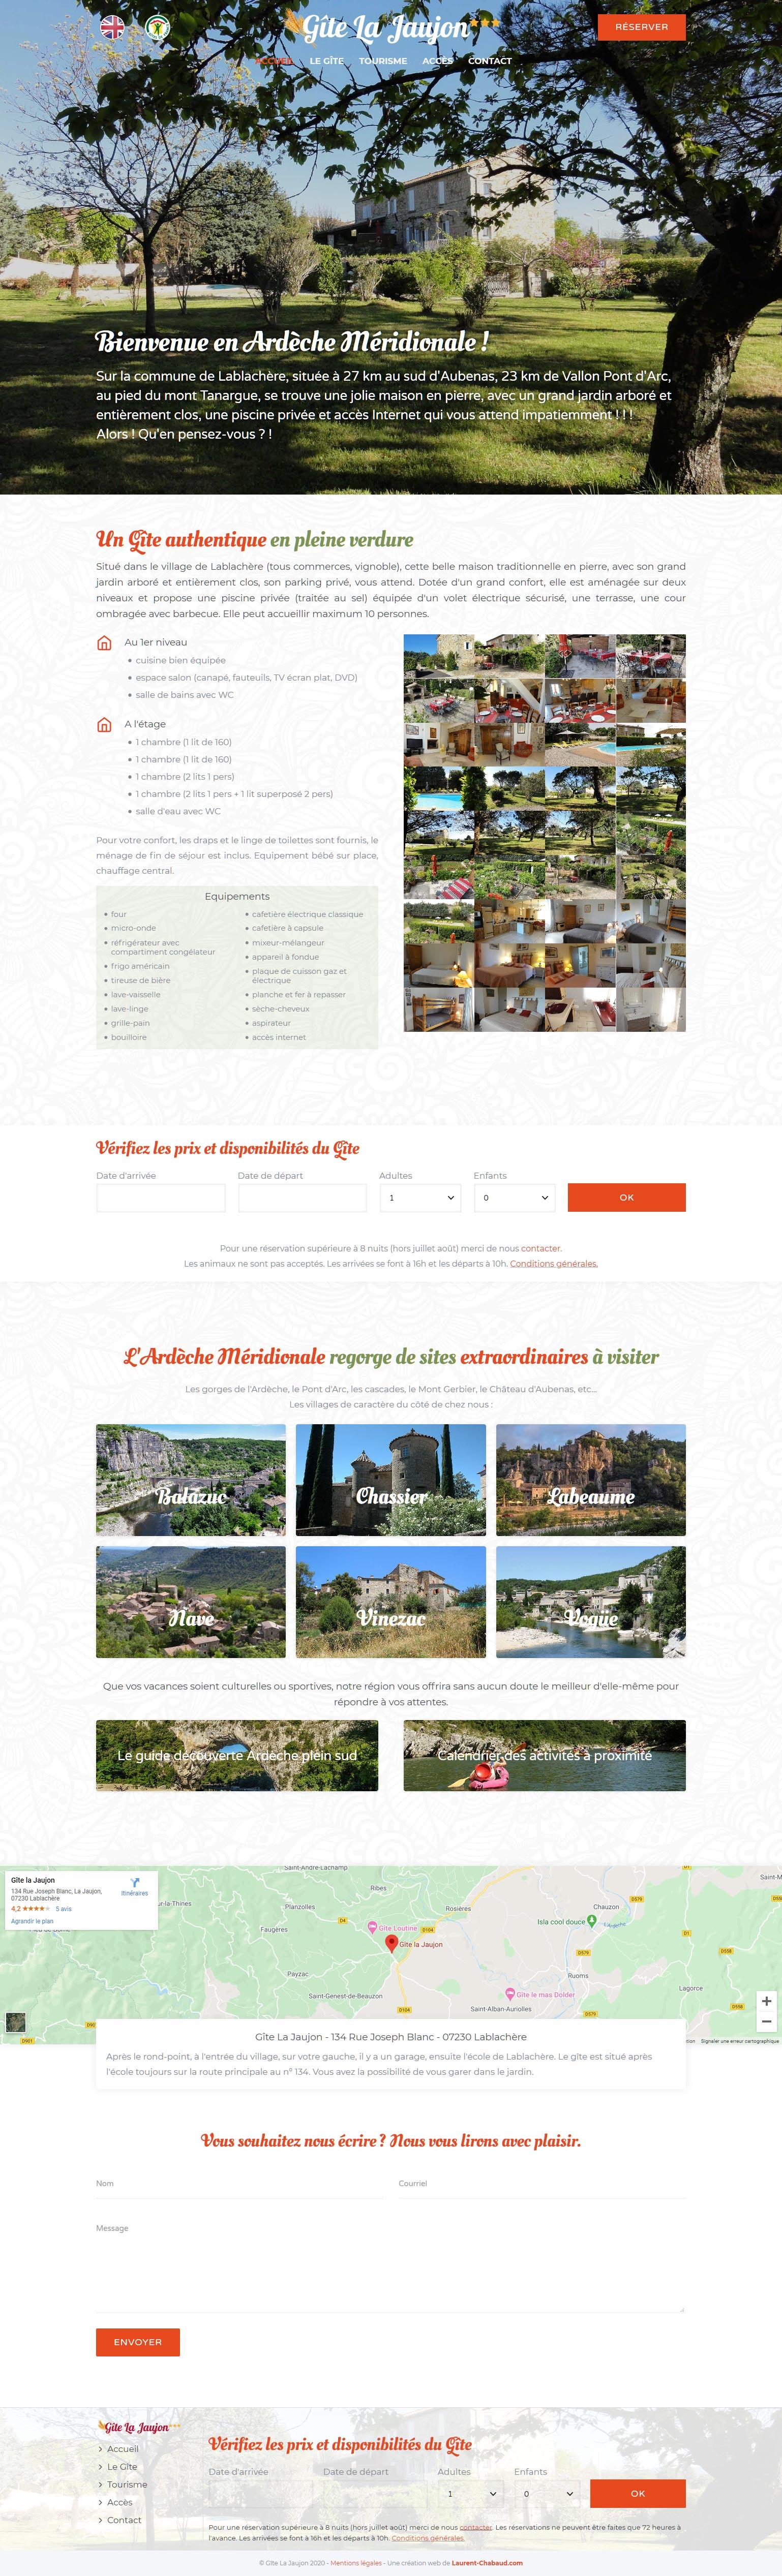 Site web e-commerce réservation Gîte La Jaujon - Web design Laurent Chabaud